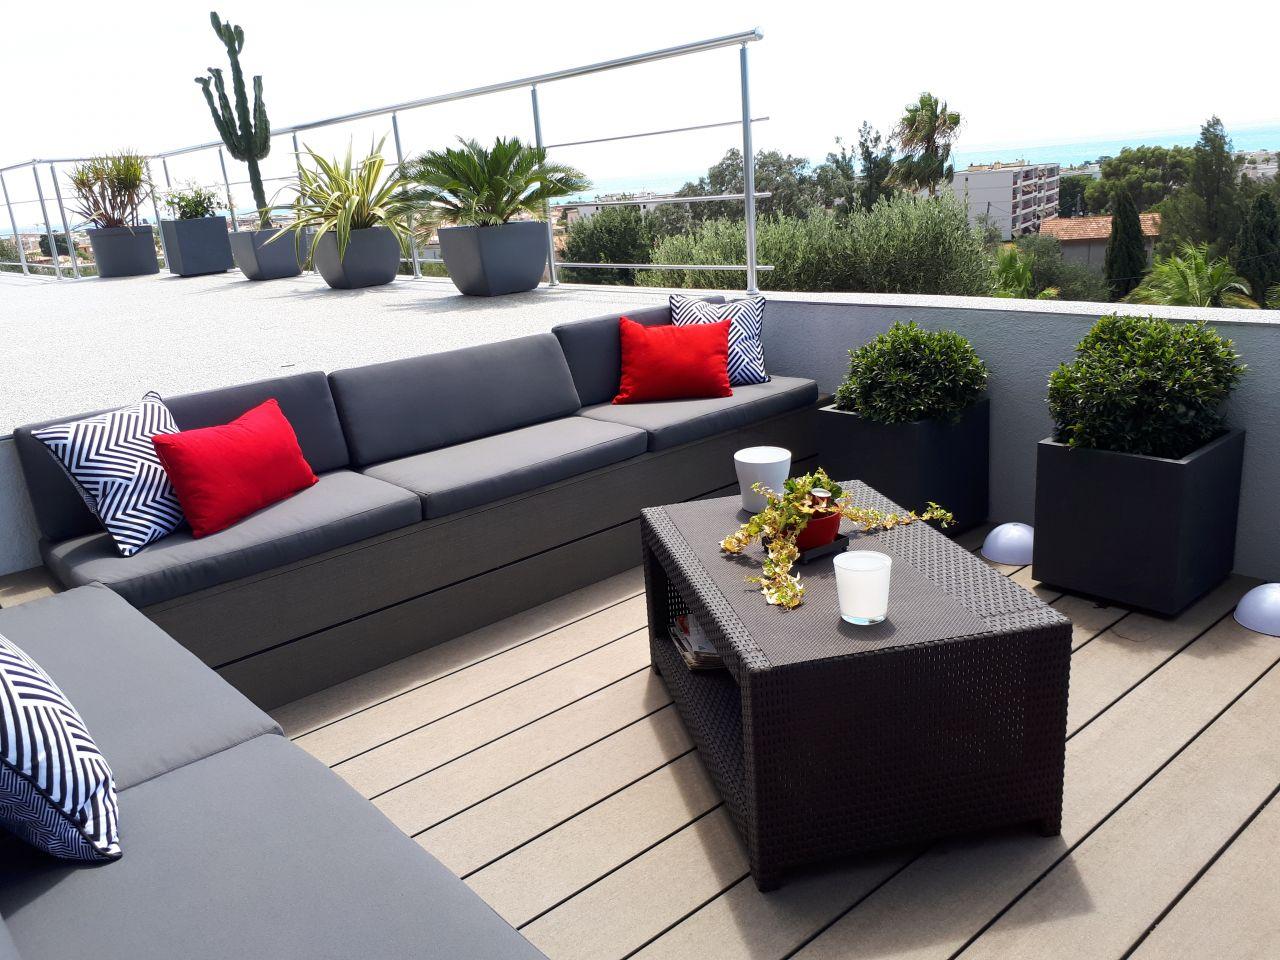 Terrasse encastrée terminée avec les coussins fait sur mesure et les plantes